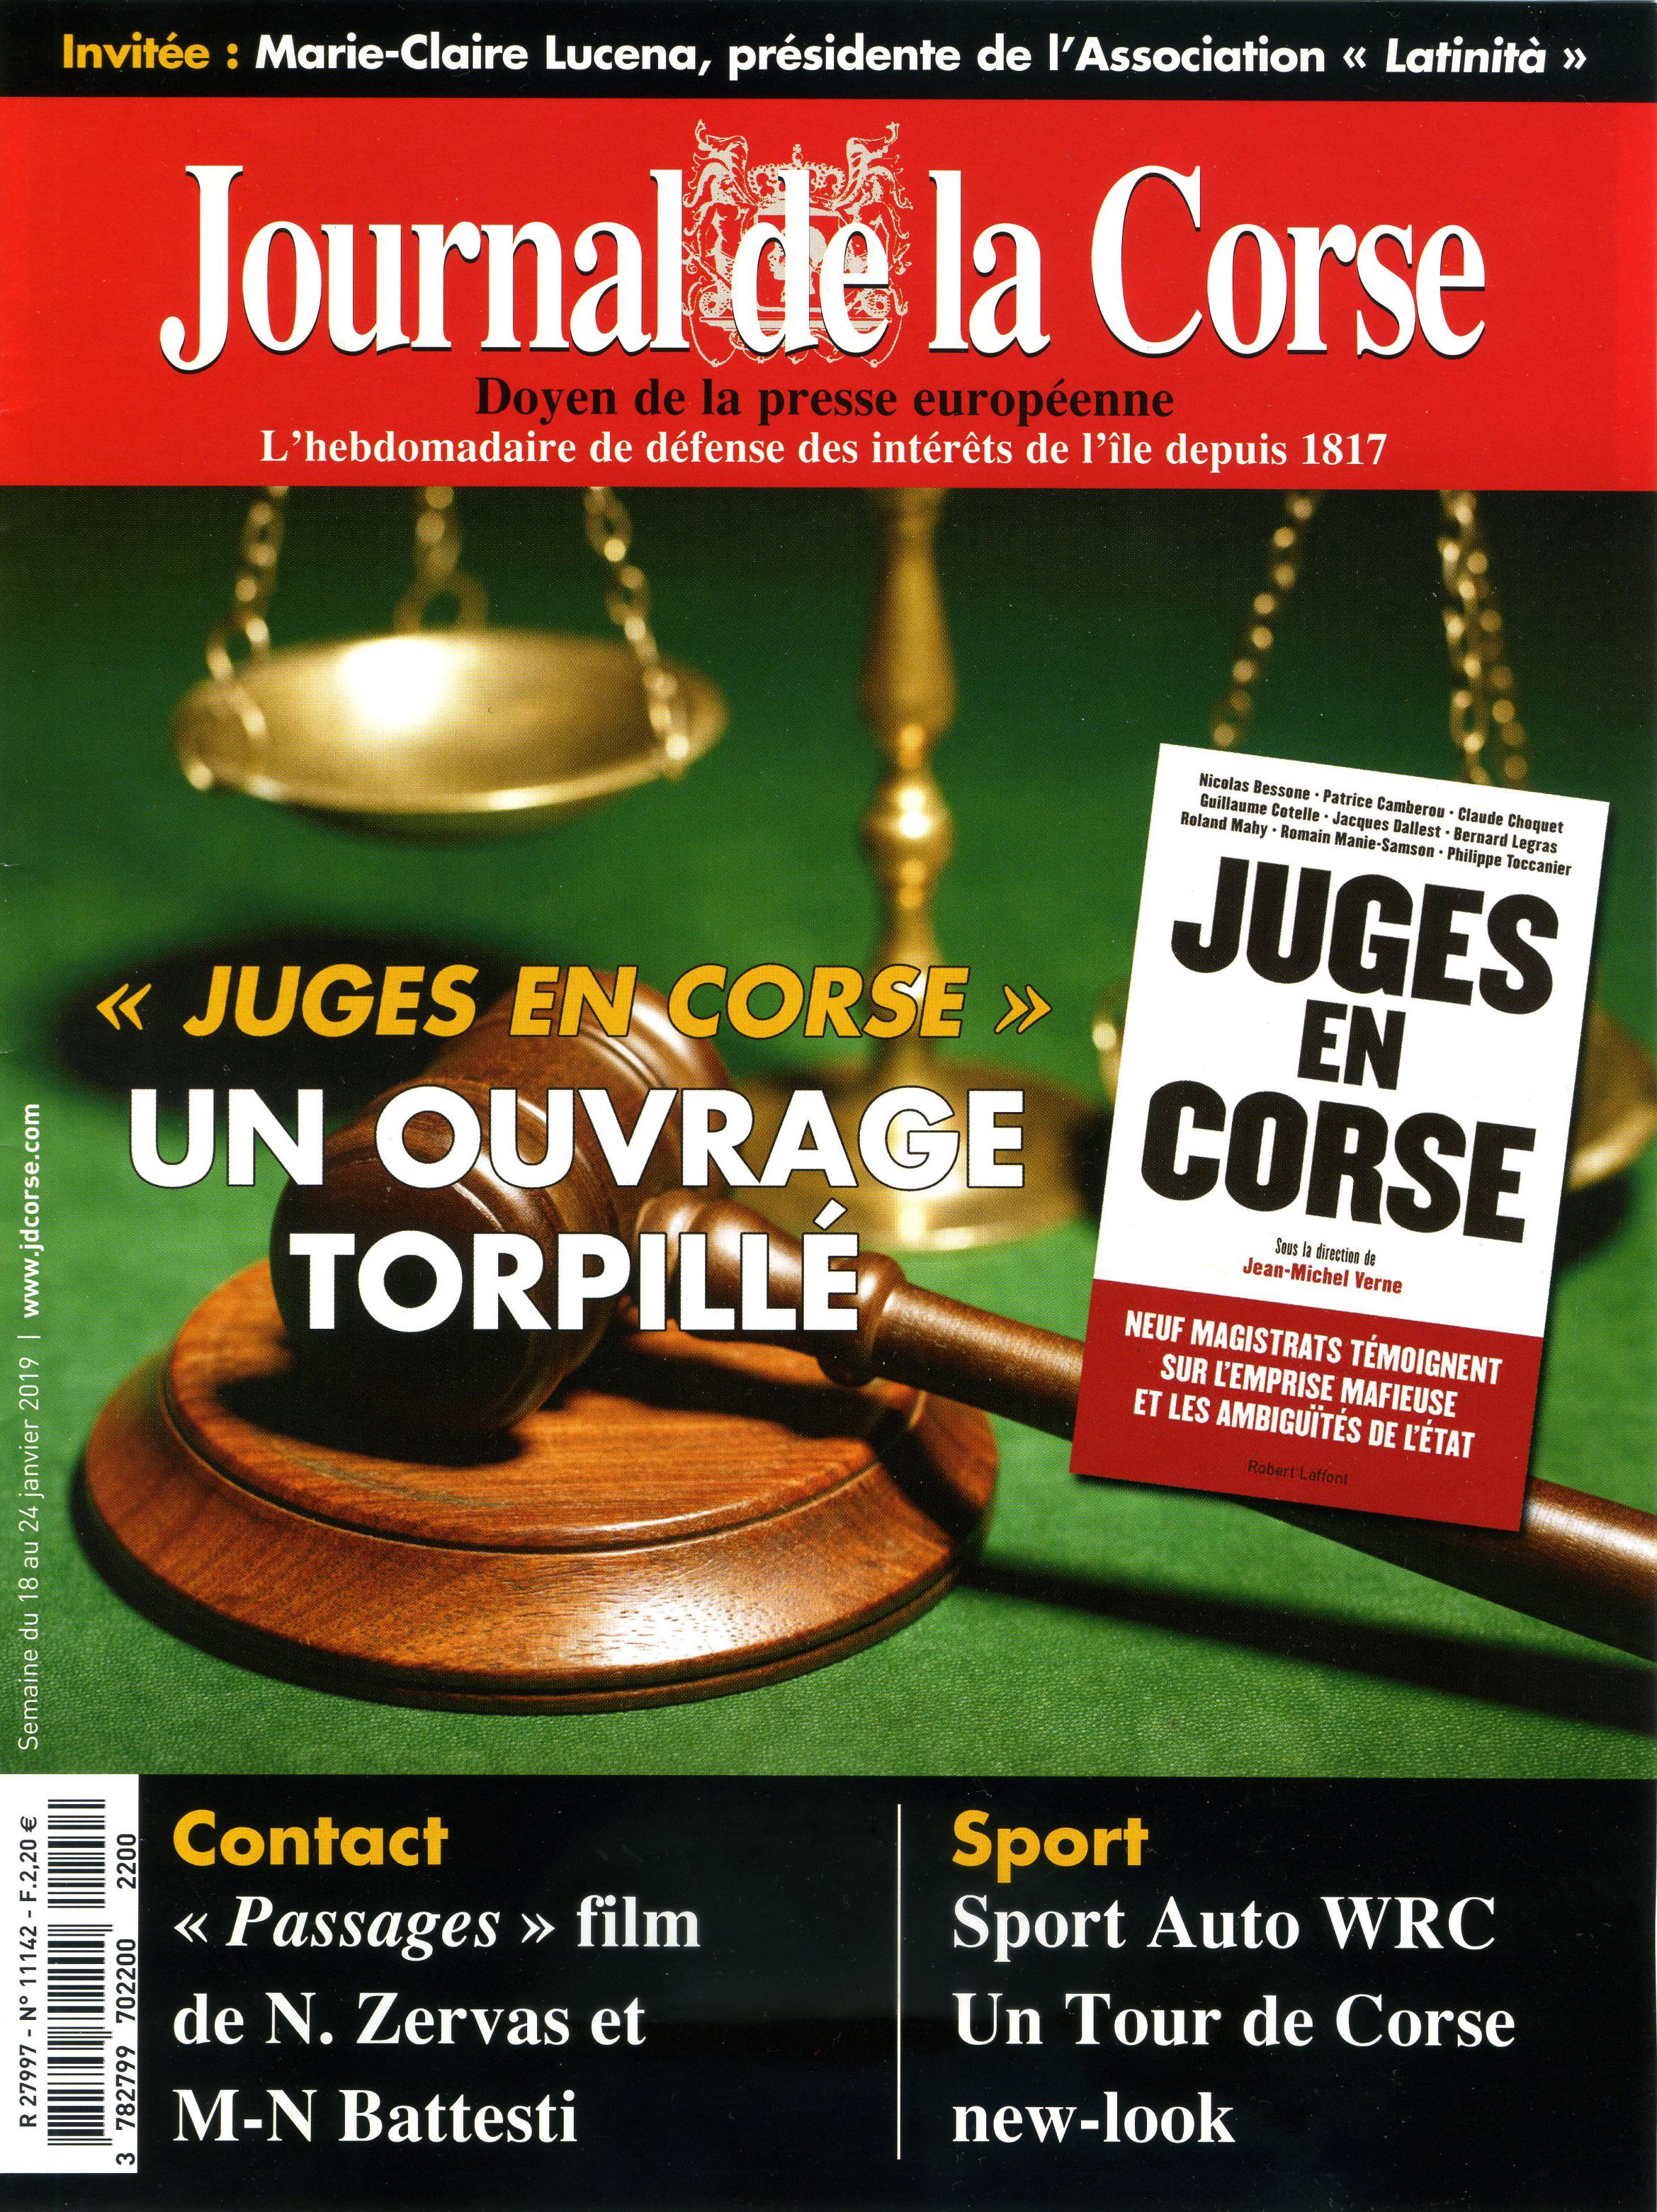 Article dans le Journal de la Corse - 1/2019